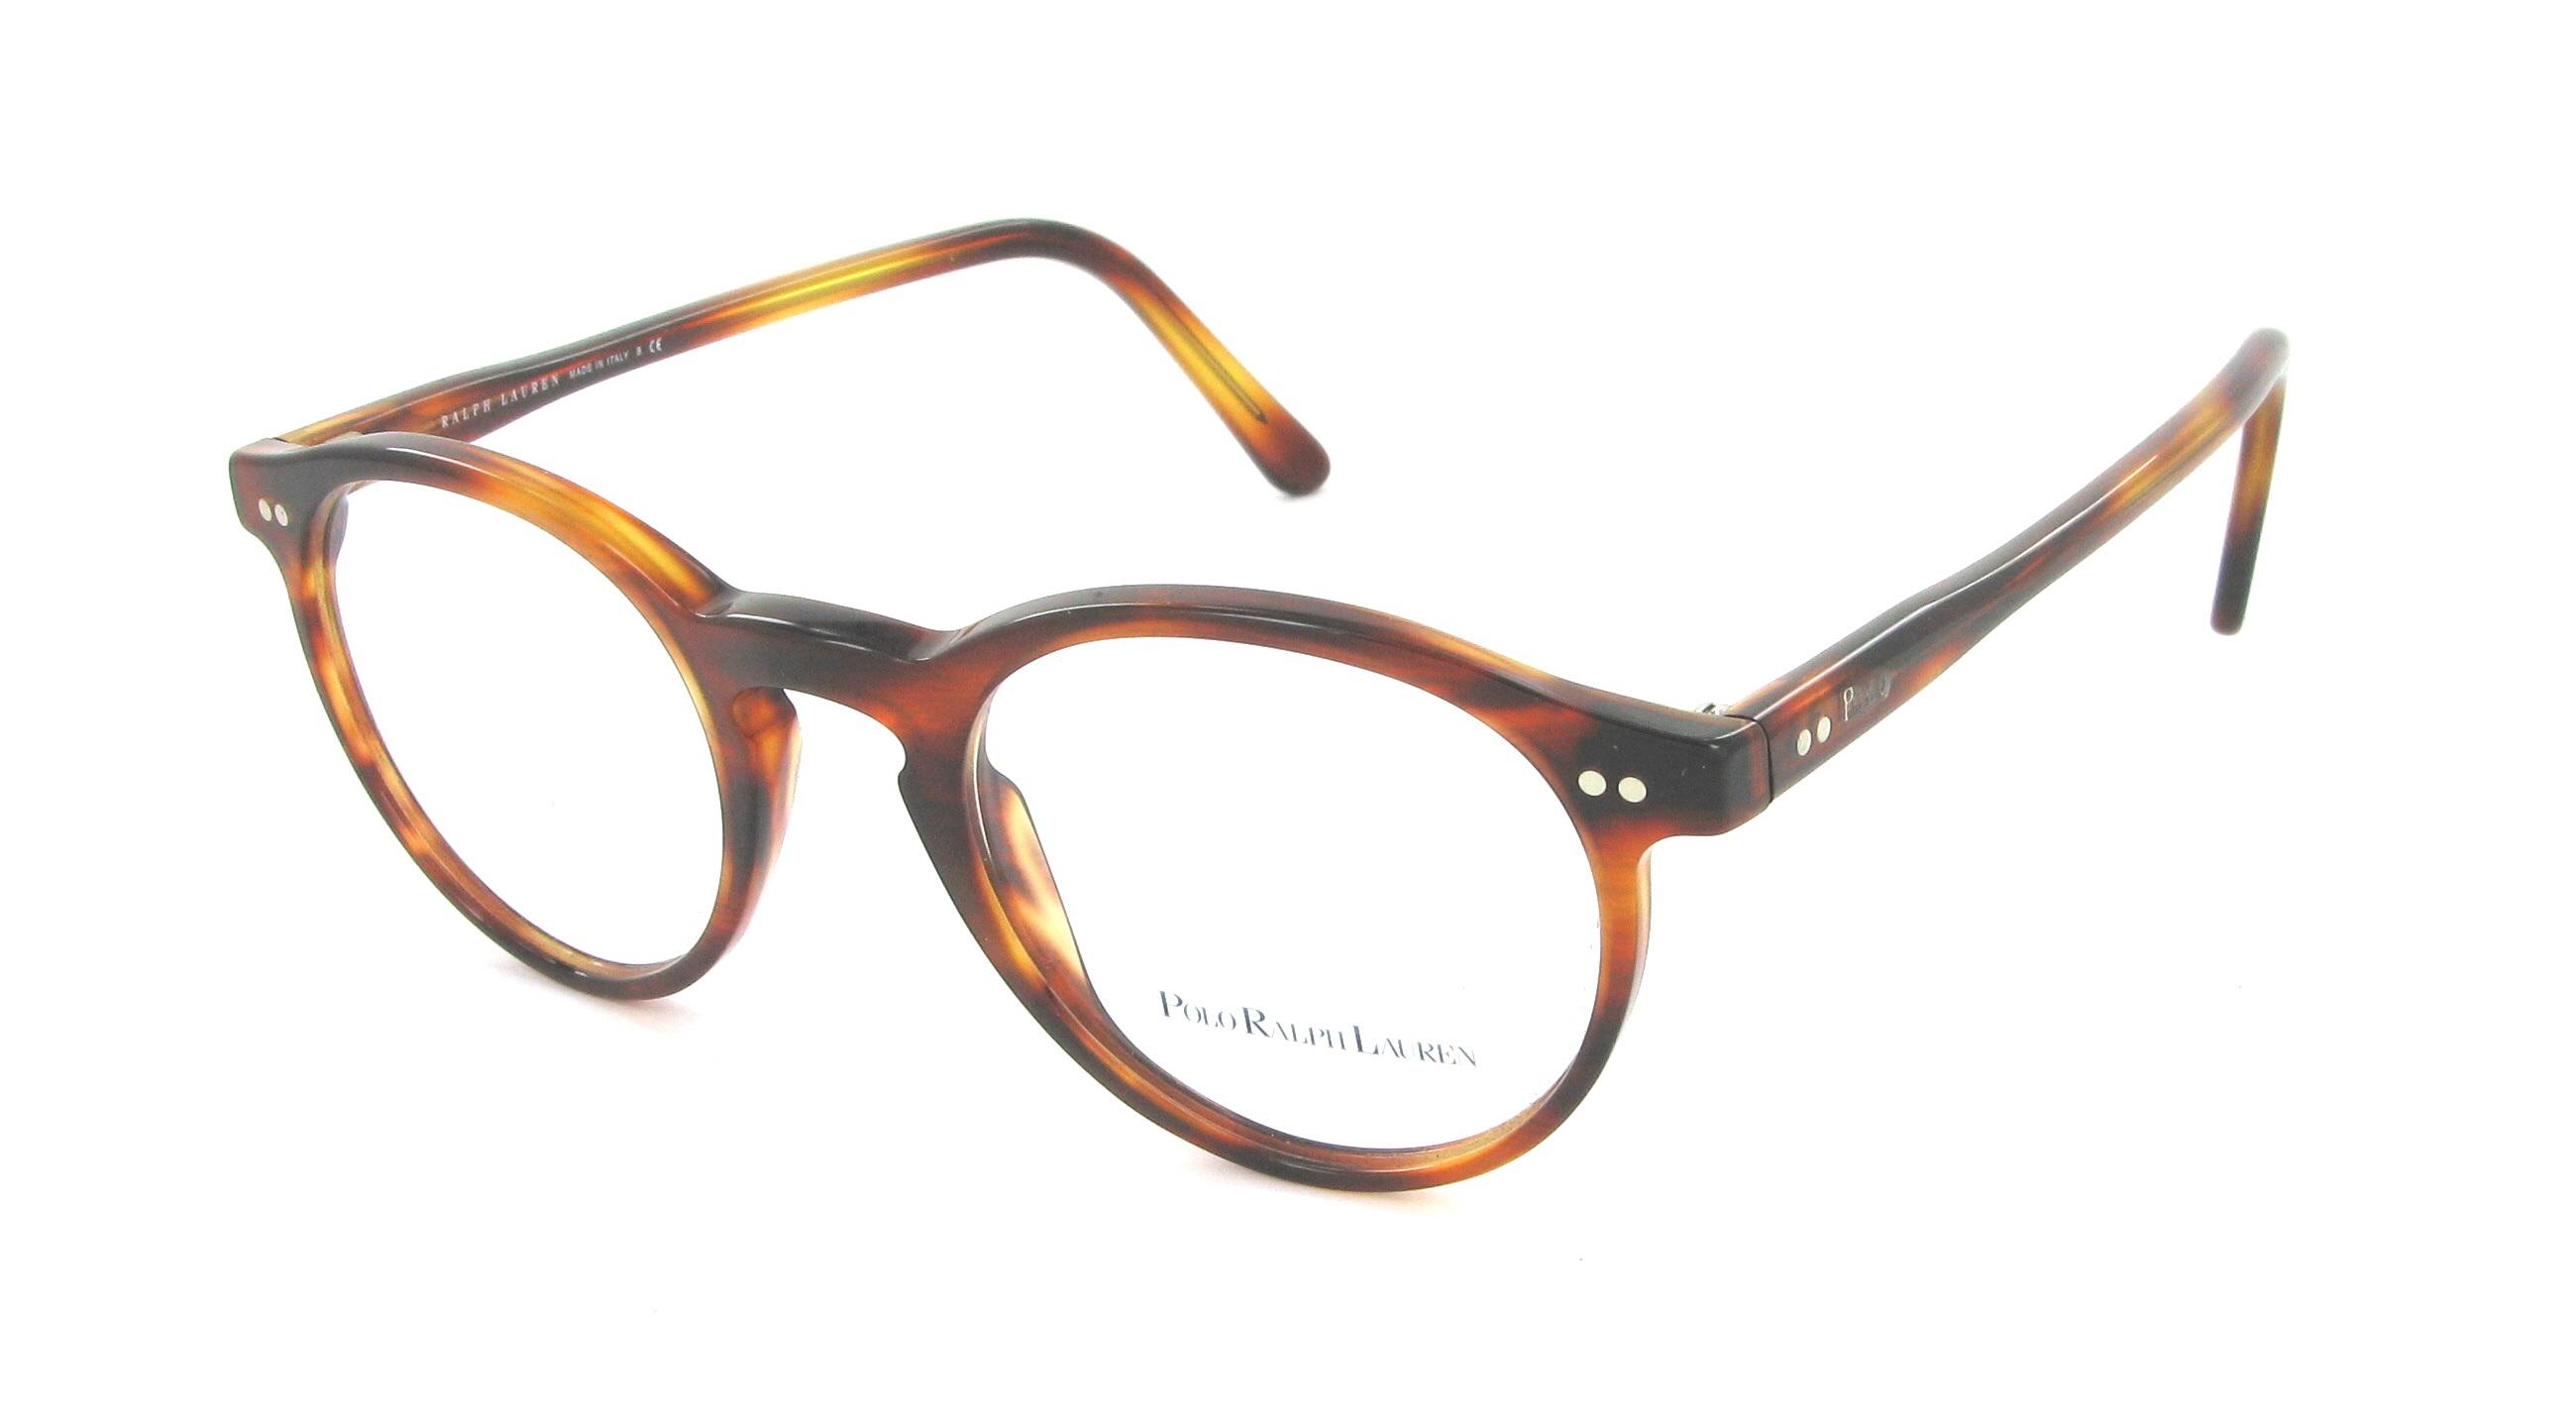 lunettes de vue ralph lauren ph 2083 5007 48 20 mixte ecaille arrondie cercl e tendance. Black Bedroom Furniture Sets. Home Design Ideas